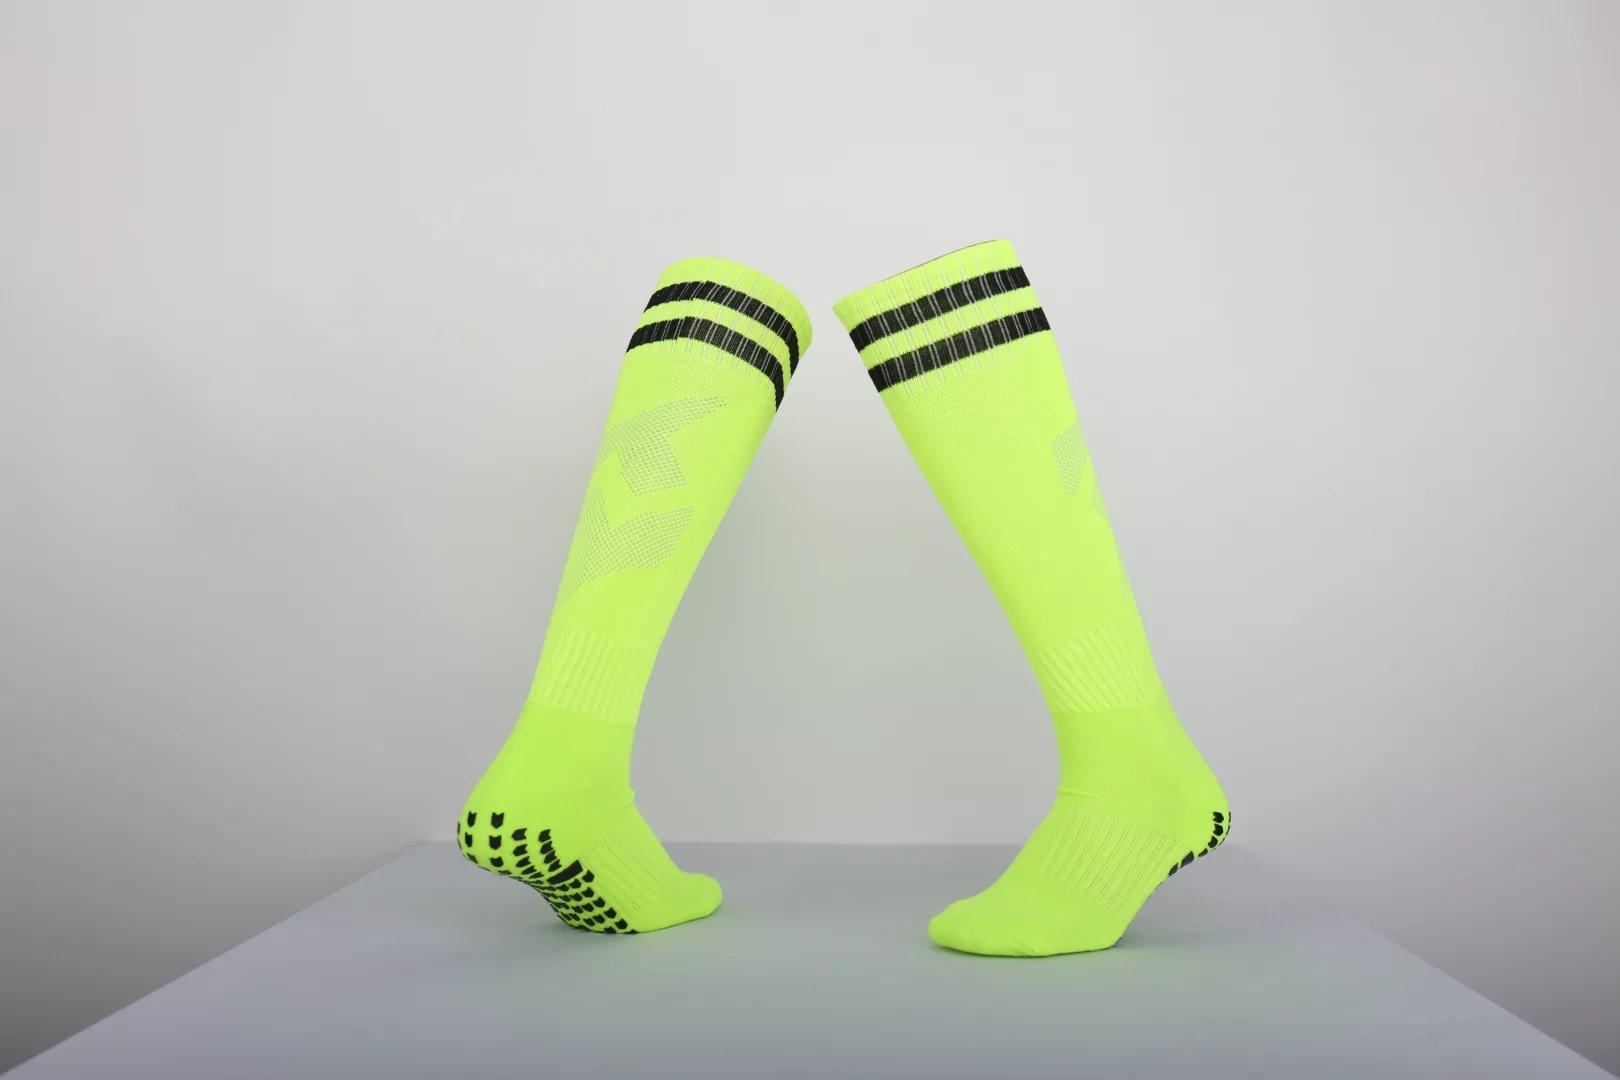 fb08fdc54 New Arrive Anti Slip Football Long Socks For Men Thick Towel Bottom In Tube  Sport Soccer Adult s Knee High Socks Men s Non-slip Stockings